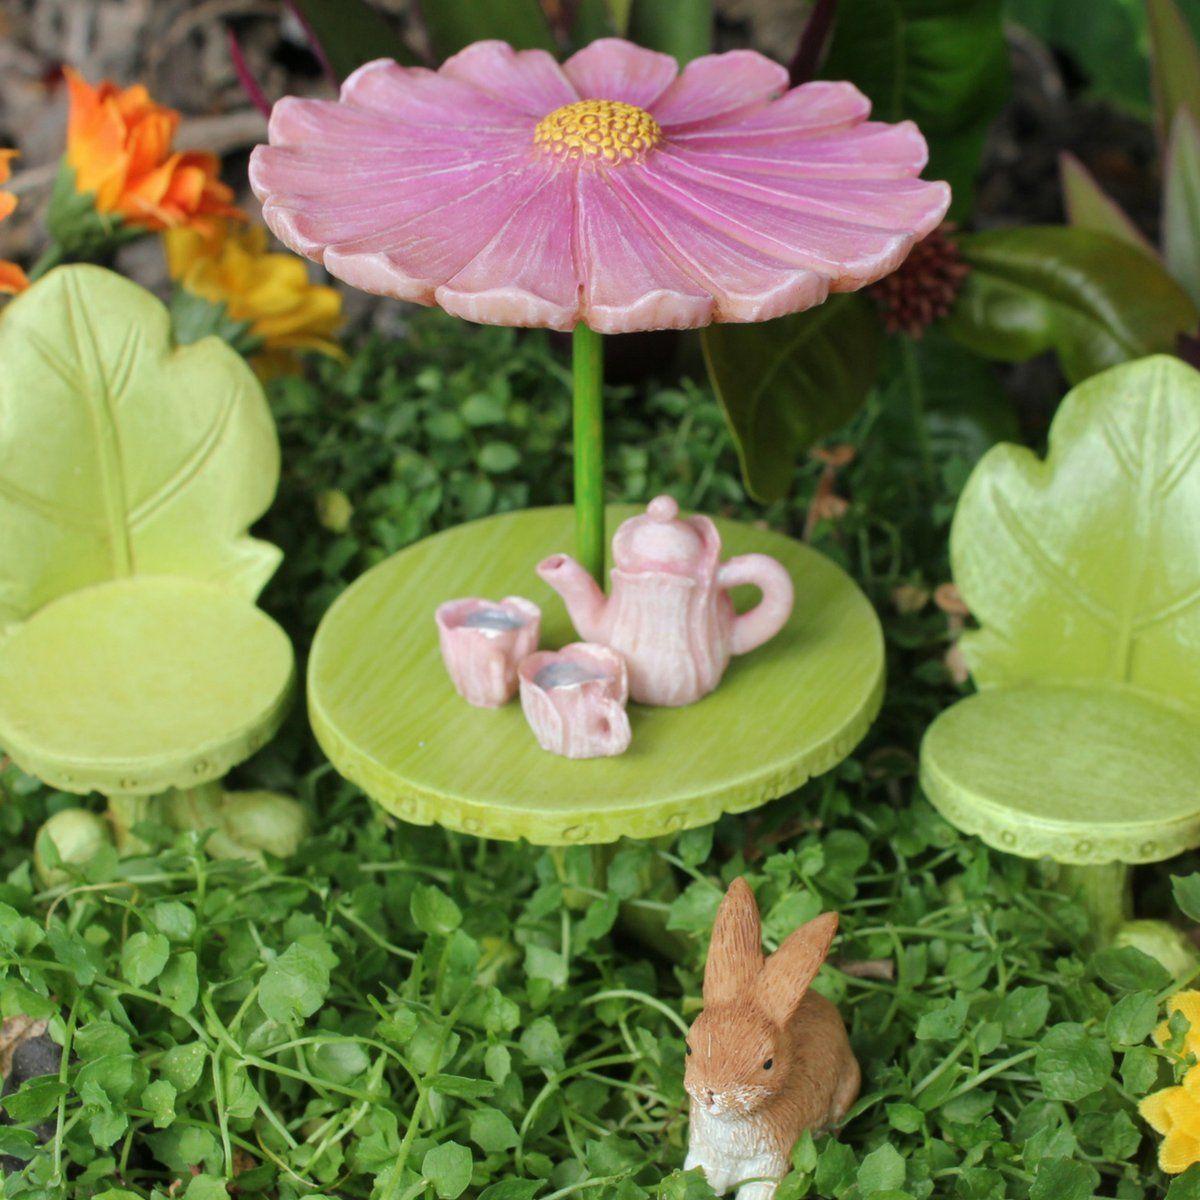 Pretmanns Fairy Garden Accessories âu20acu201c Kit With Miniature Fairy Garden  Fairies âu20acu201c 9 Piece Figurine And Furniture Set âu20acu201c Fairy Garden Supplies *  Find Out ...